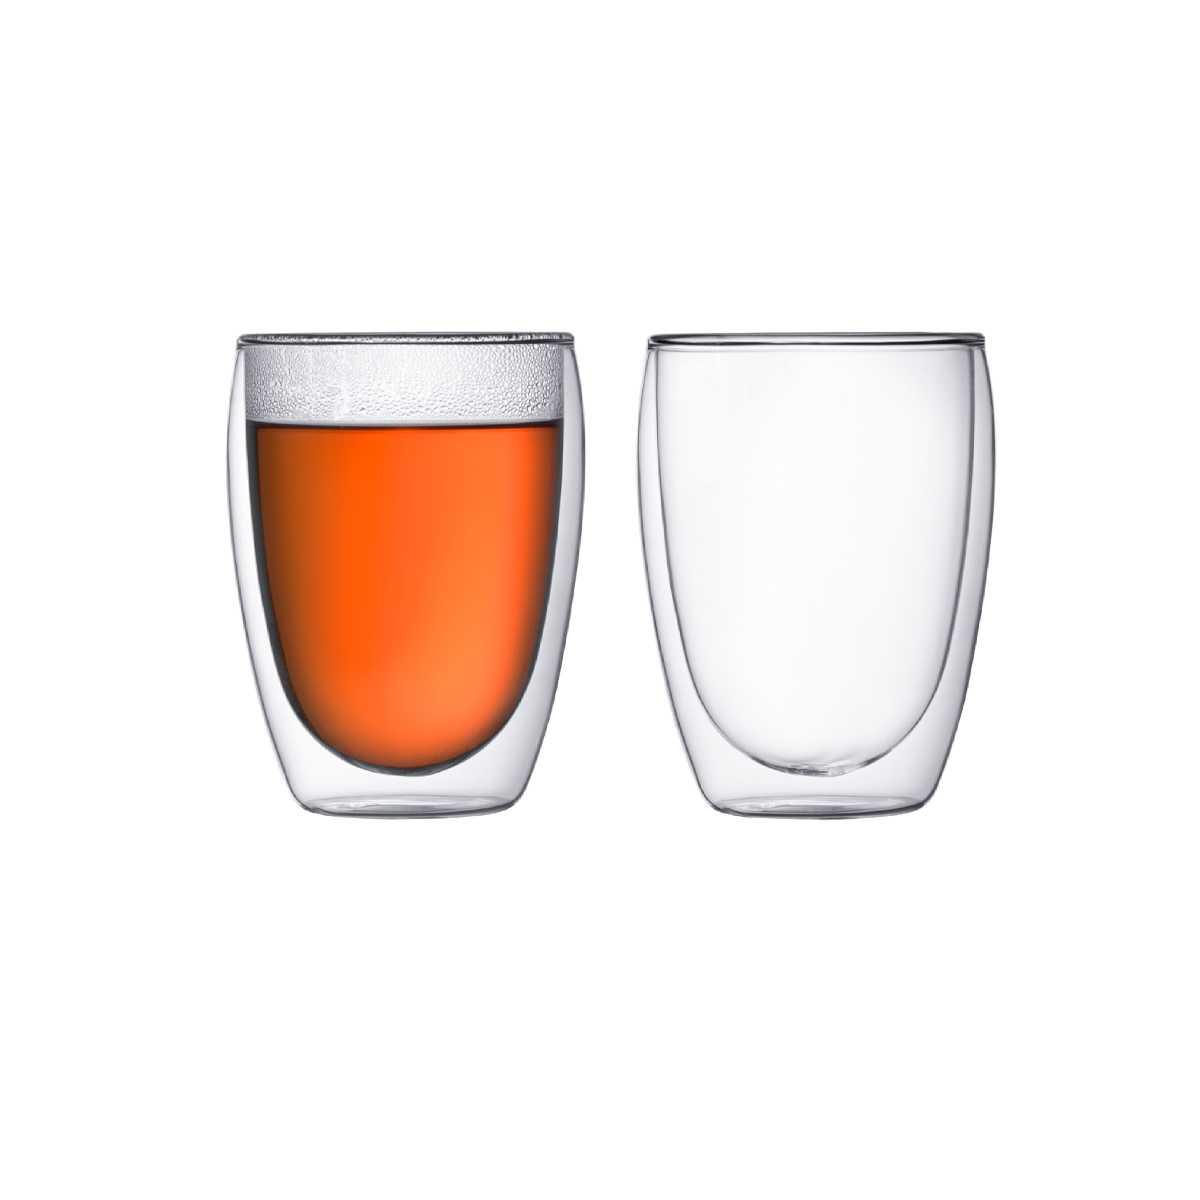 Набор стаканов с двойными стенками Bodum, 0,35 л, 2 шт. Bodum 4559-10 фото 0